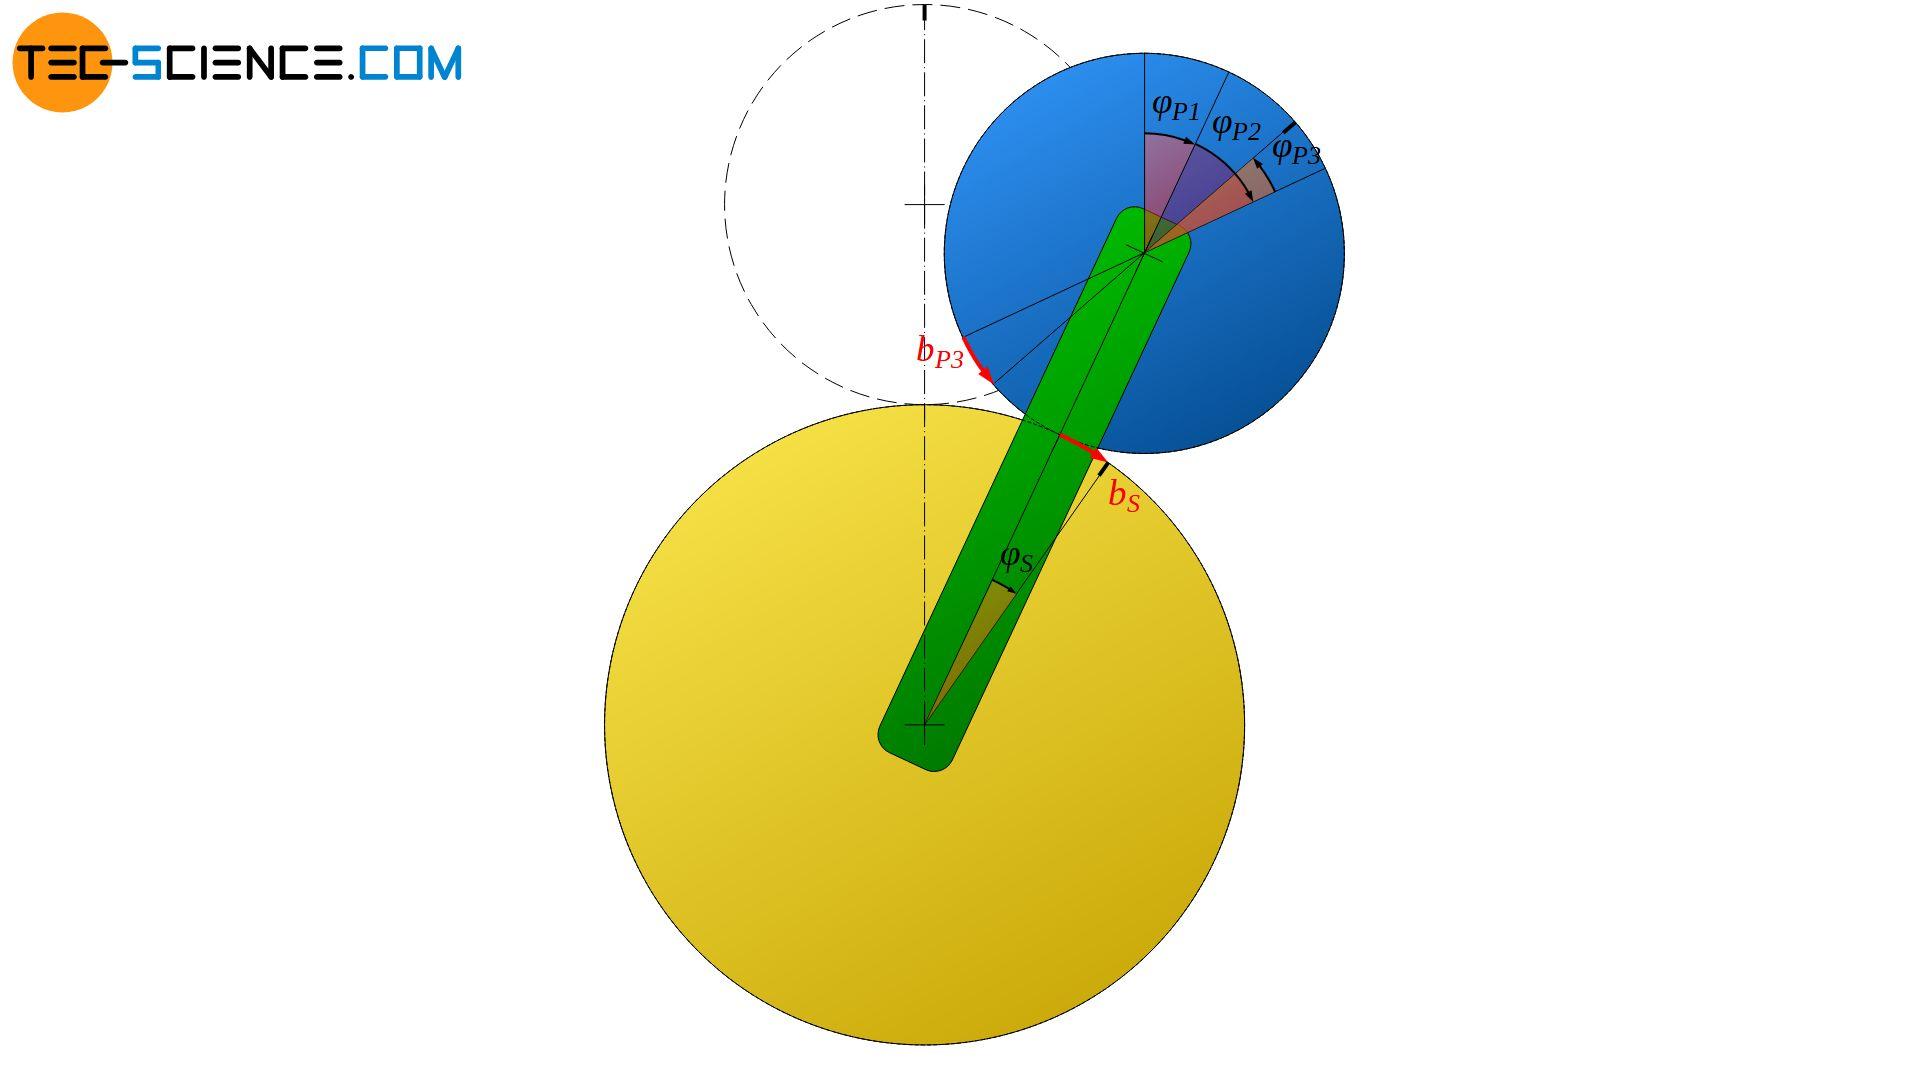 Rotation des Planetenrades aufgrund der Rotation des Sonnenrades